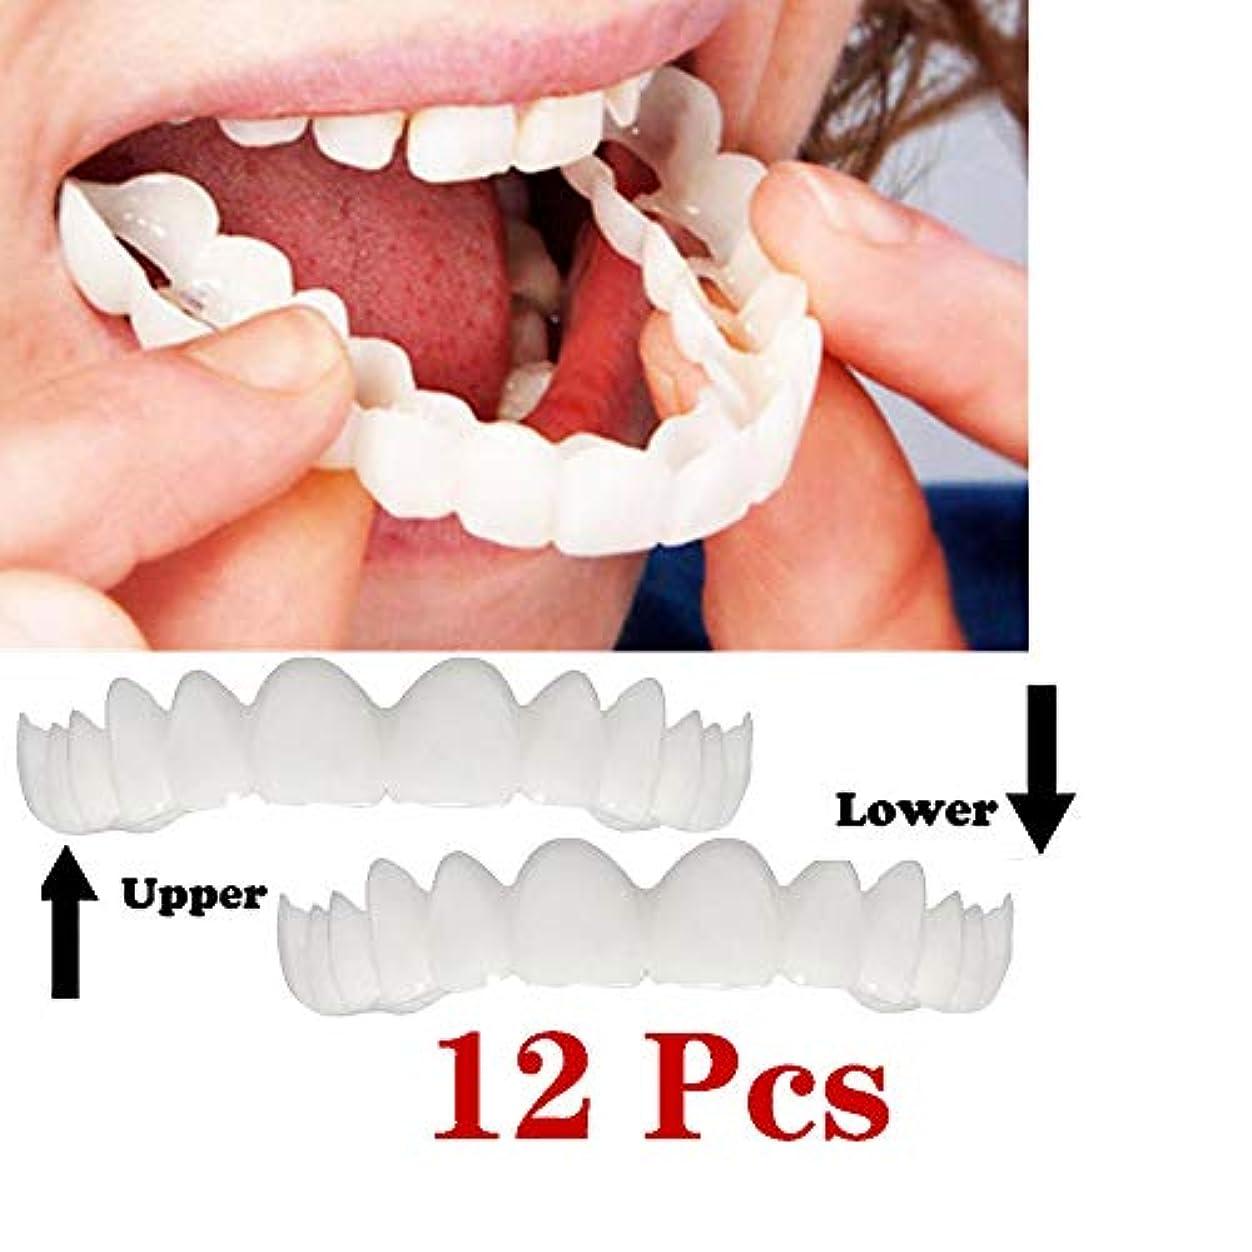 説明するはっきりしないダイヤモンド快適な化粧品歯柔軟な義歯一時的な笑顔悪い歯黄色い歯黒い歯ホワイトニング義歯ケアブレース - 6セット(下+上)